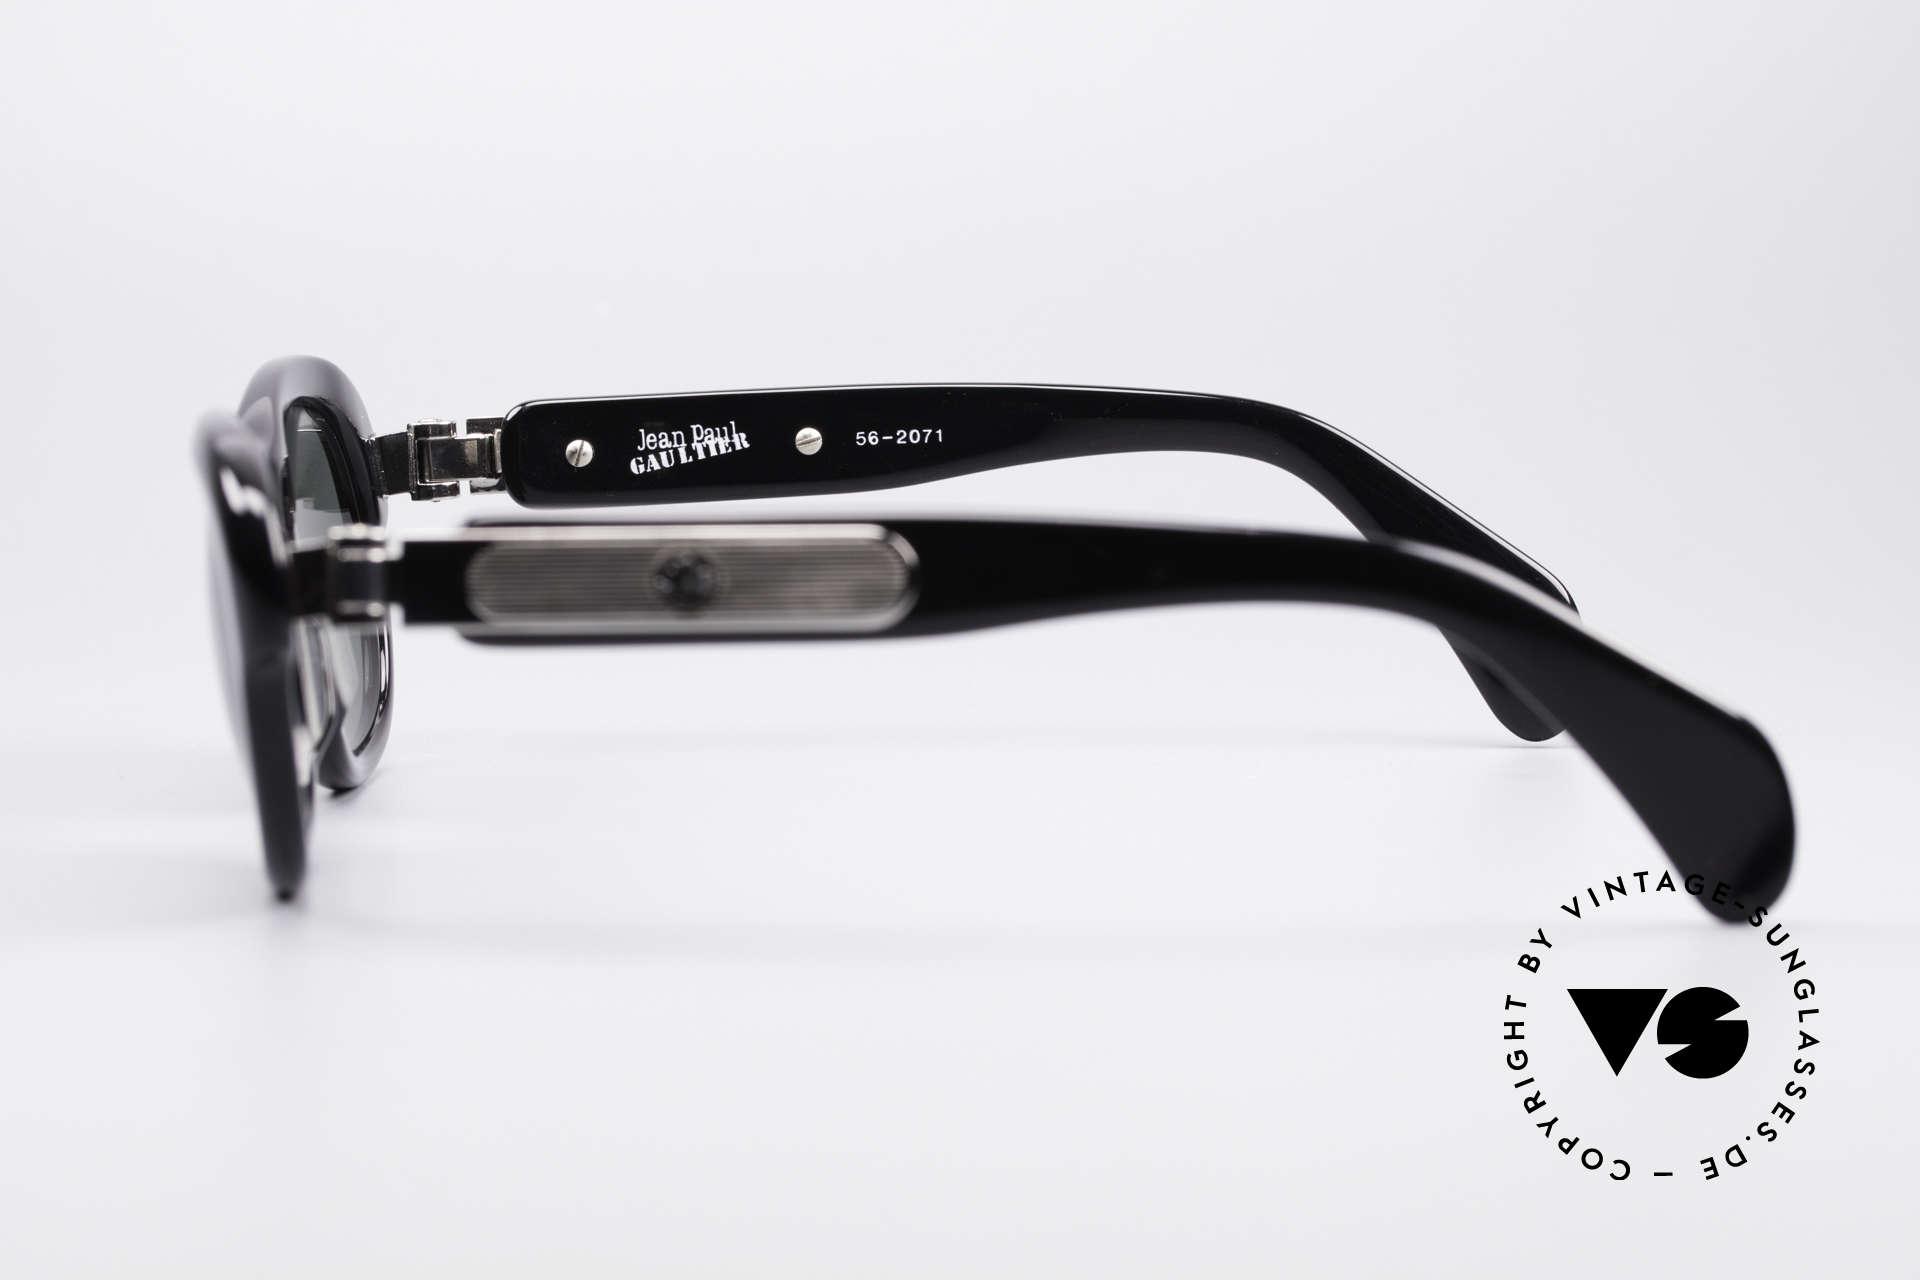 Jean Paul Gaultier 56-2071 No Retro True Vintage Specs, NO RETRO GLASSES, but a genuine old 90's ORIGINAL, Made for Women